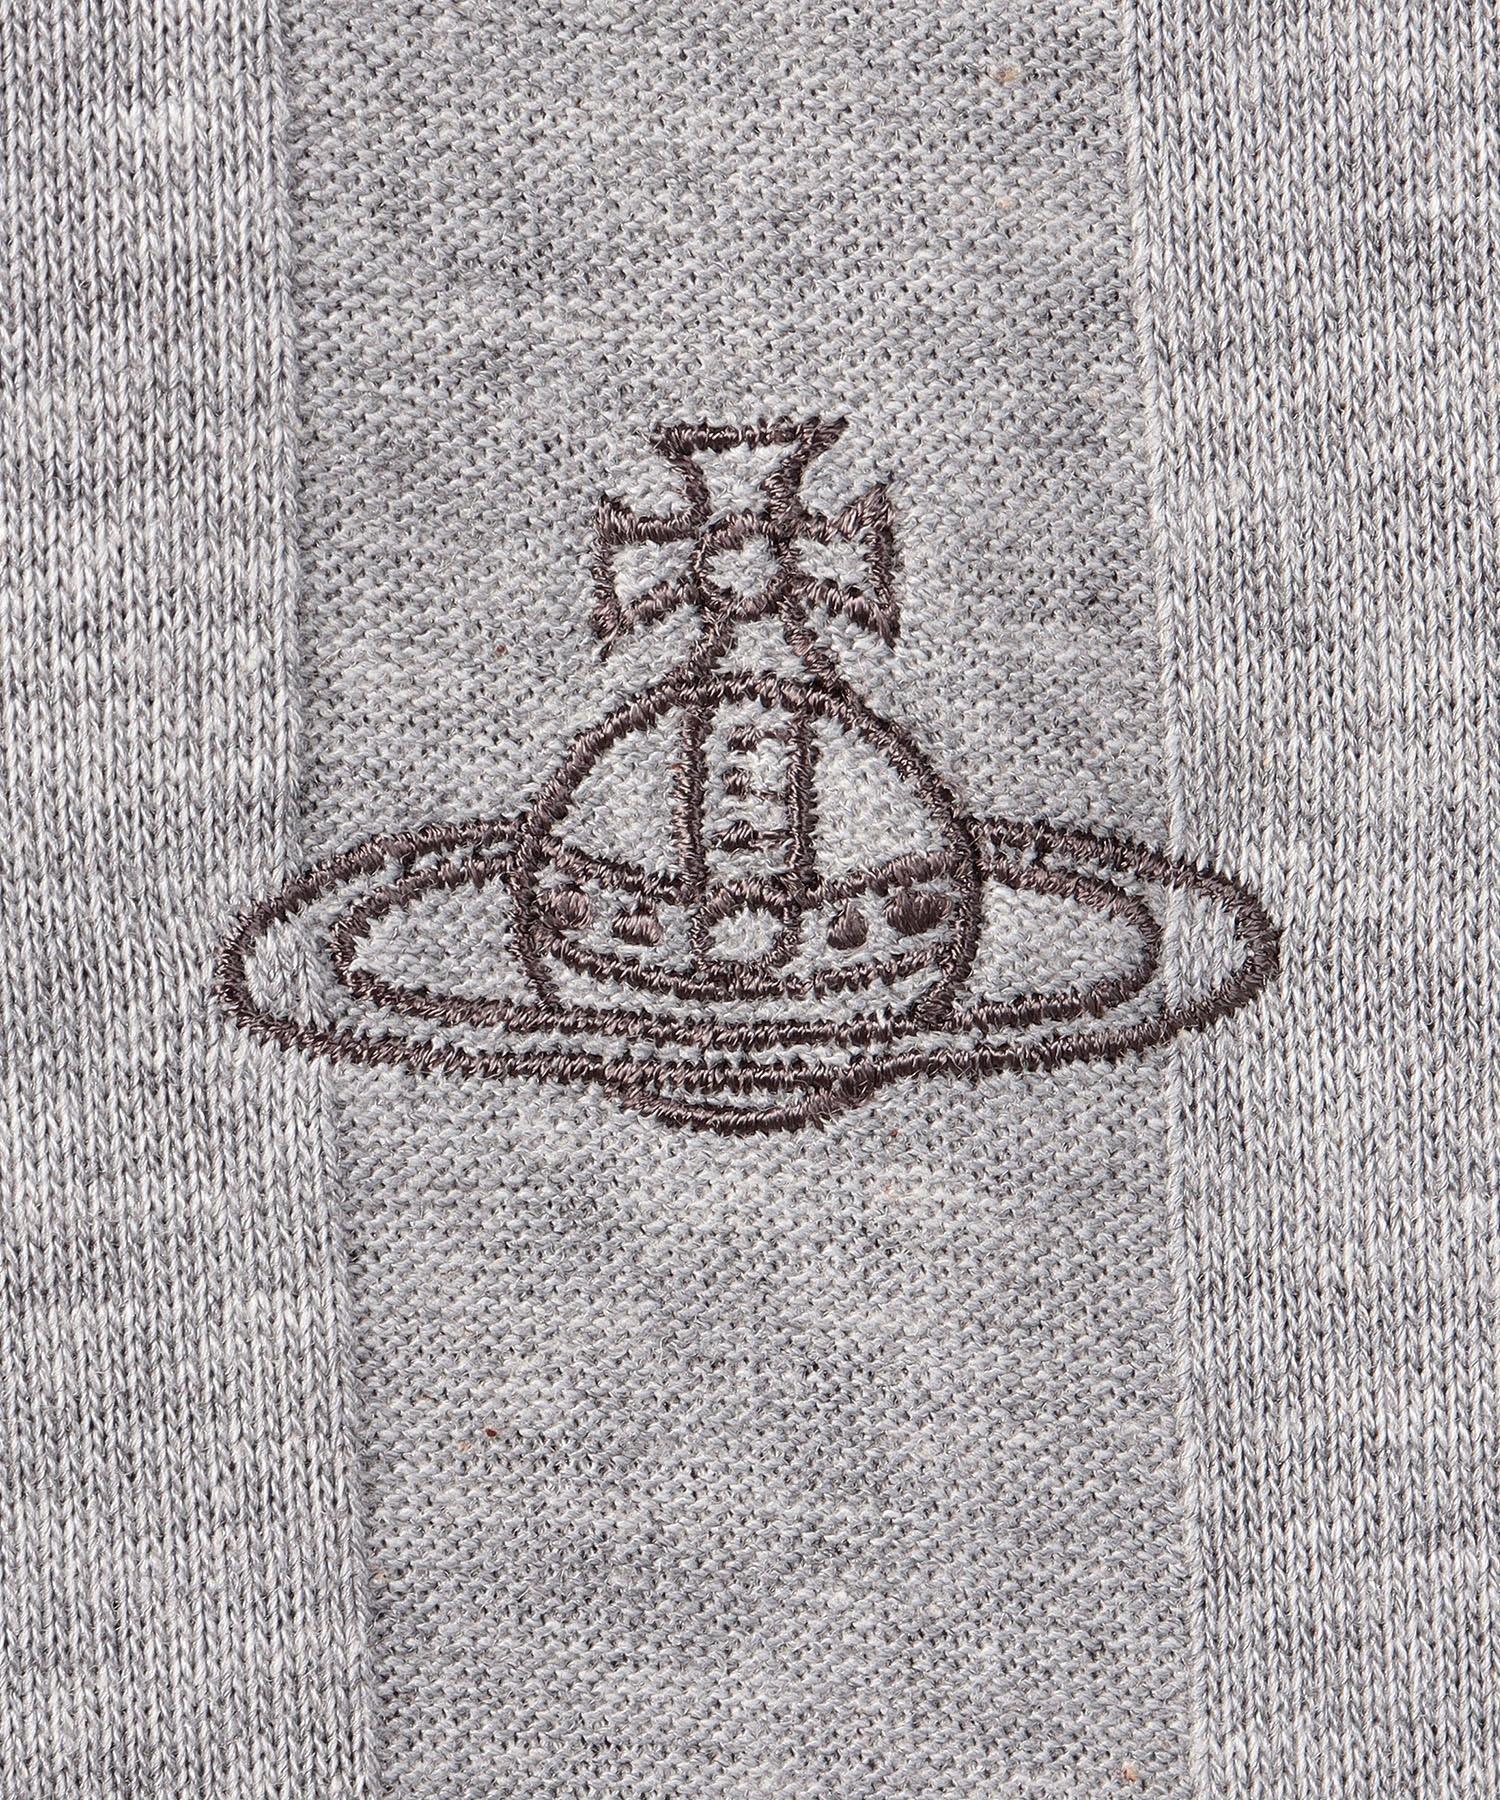 バンピーストライプ トライアングル長袖Tシャツ